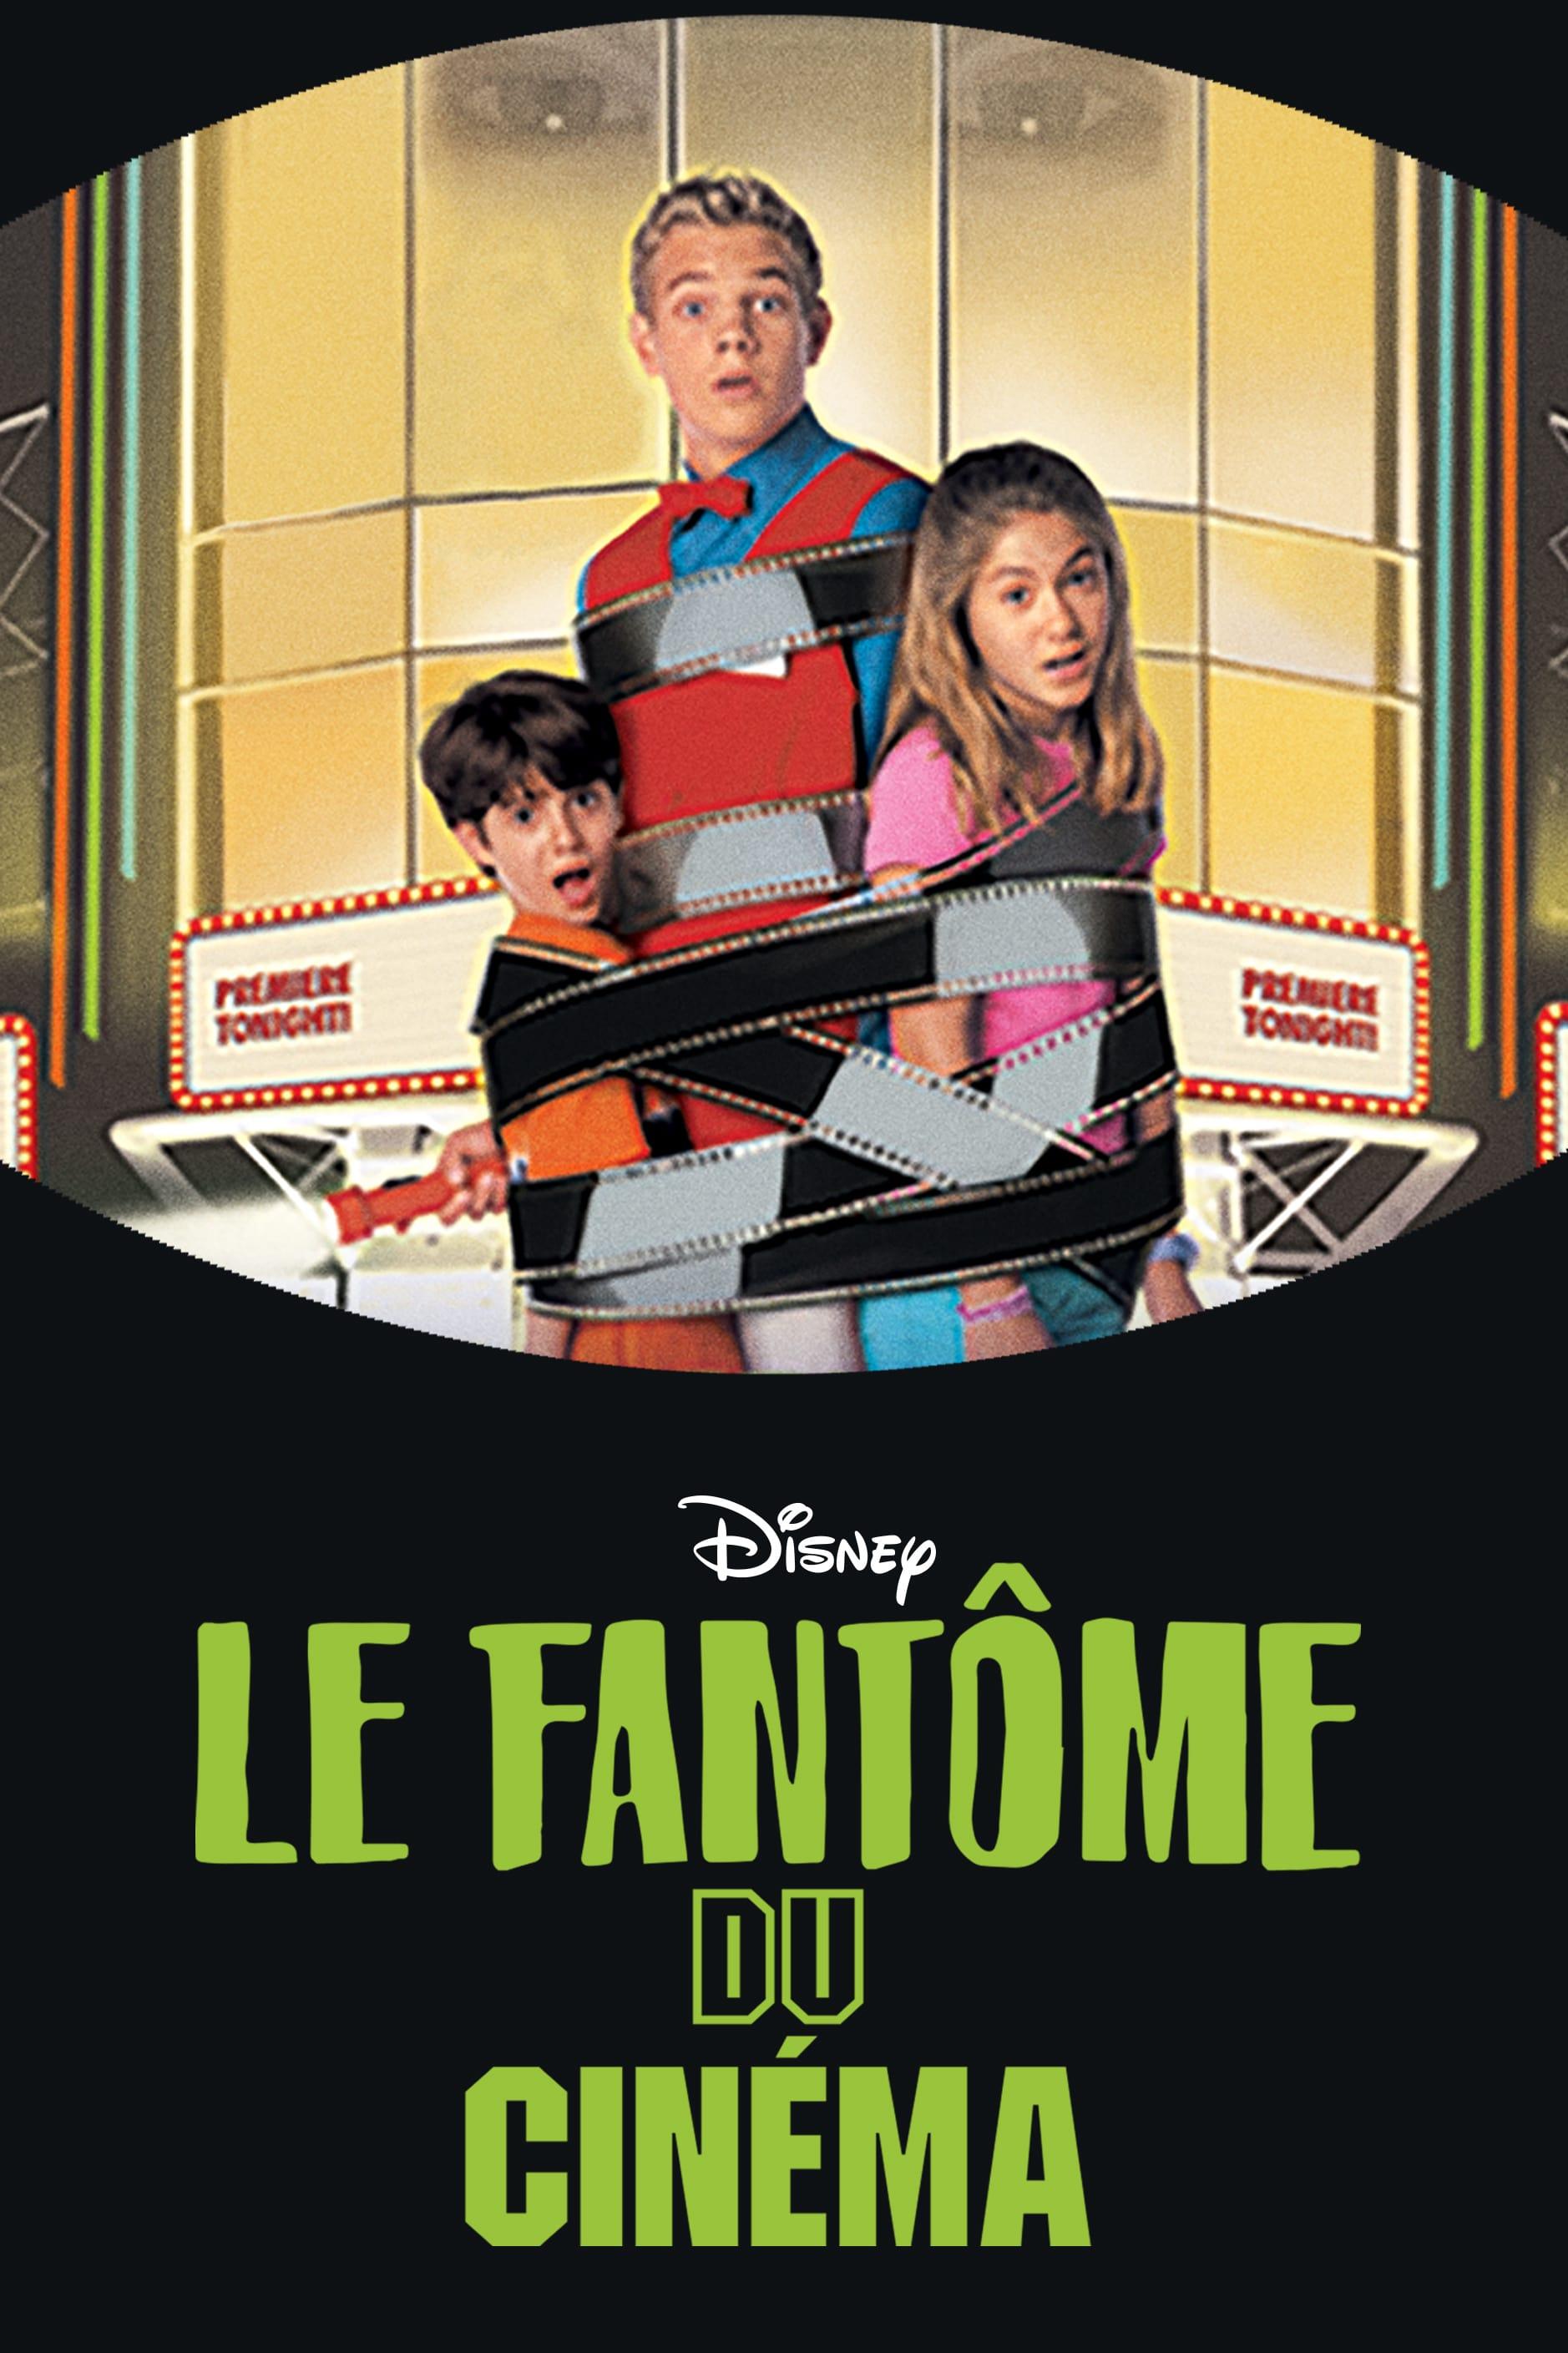 affiche du film Le fantôme du cinéma (TV)